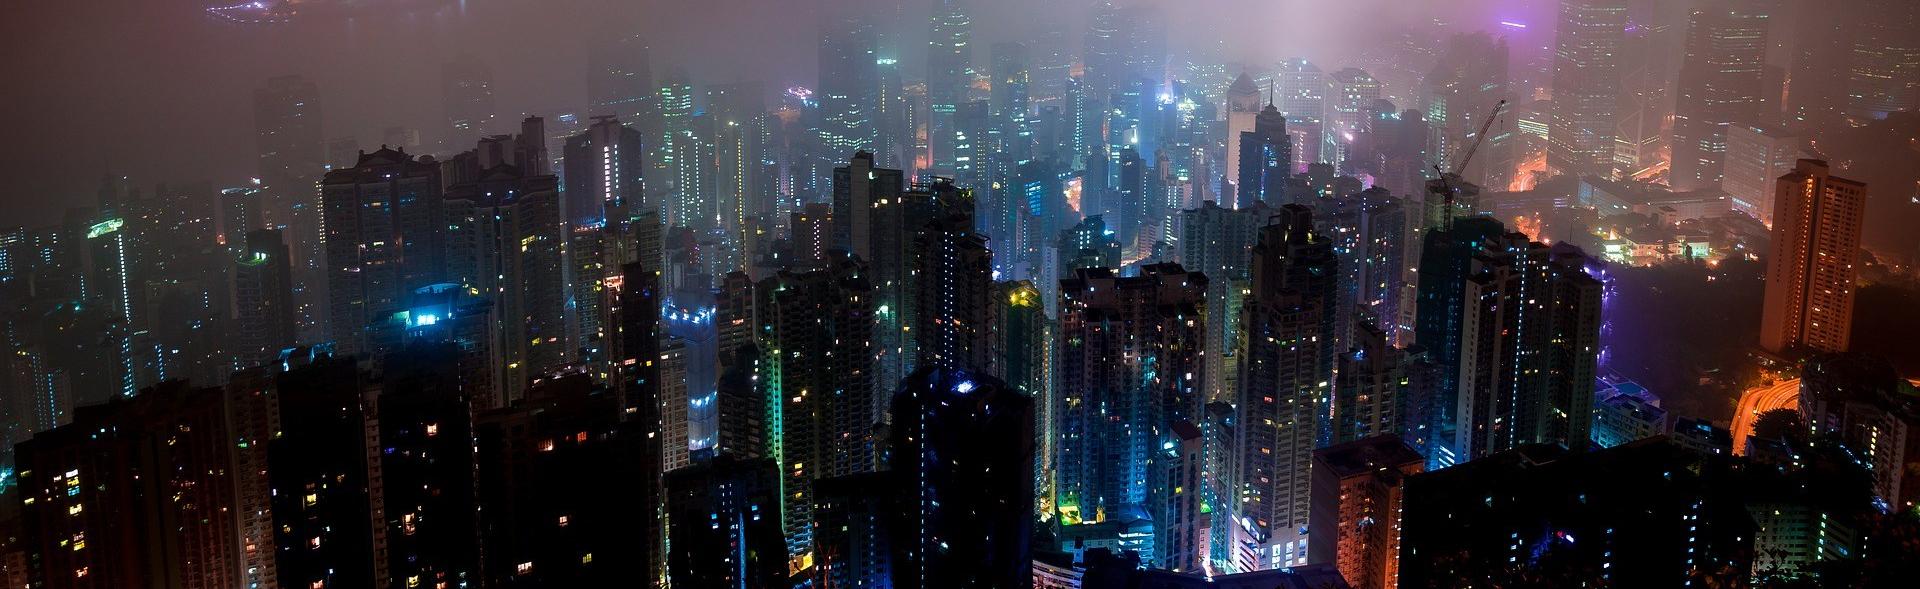 Hong Kong, city, mist